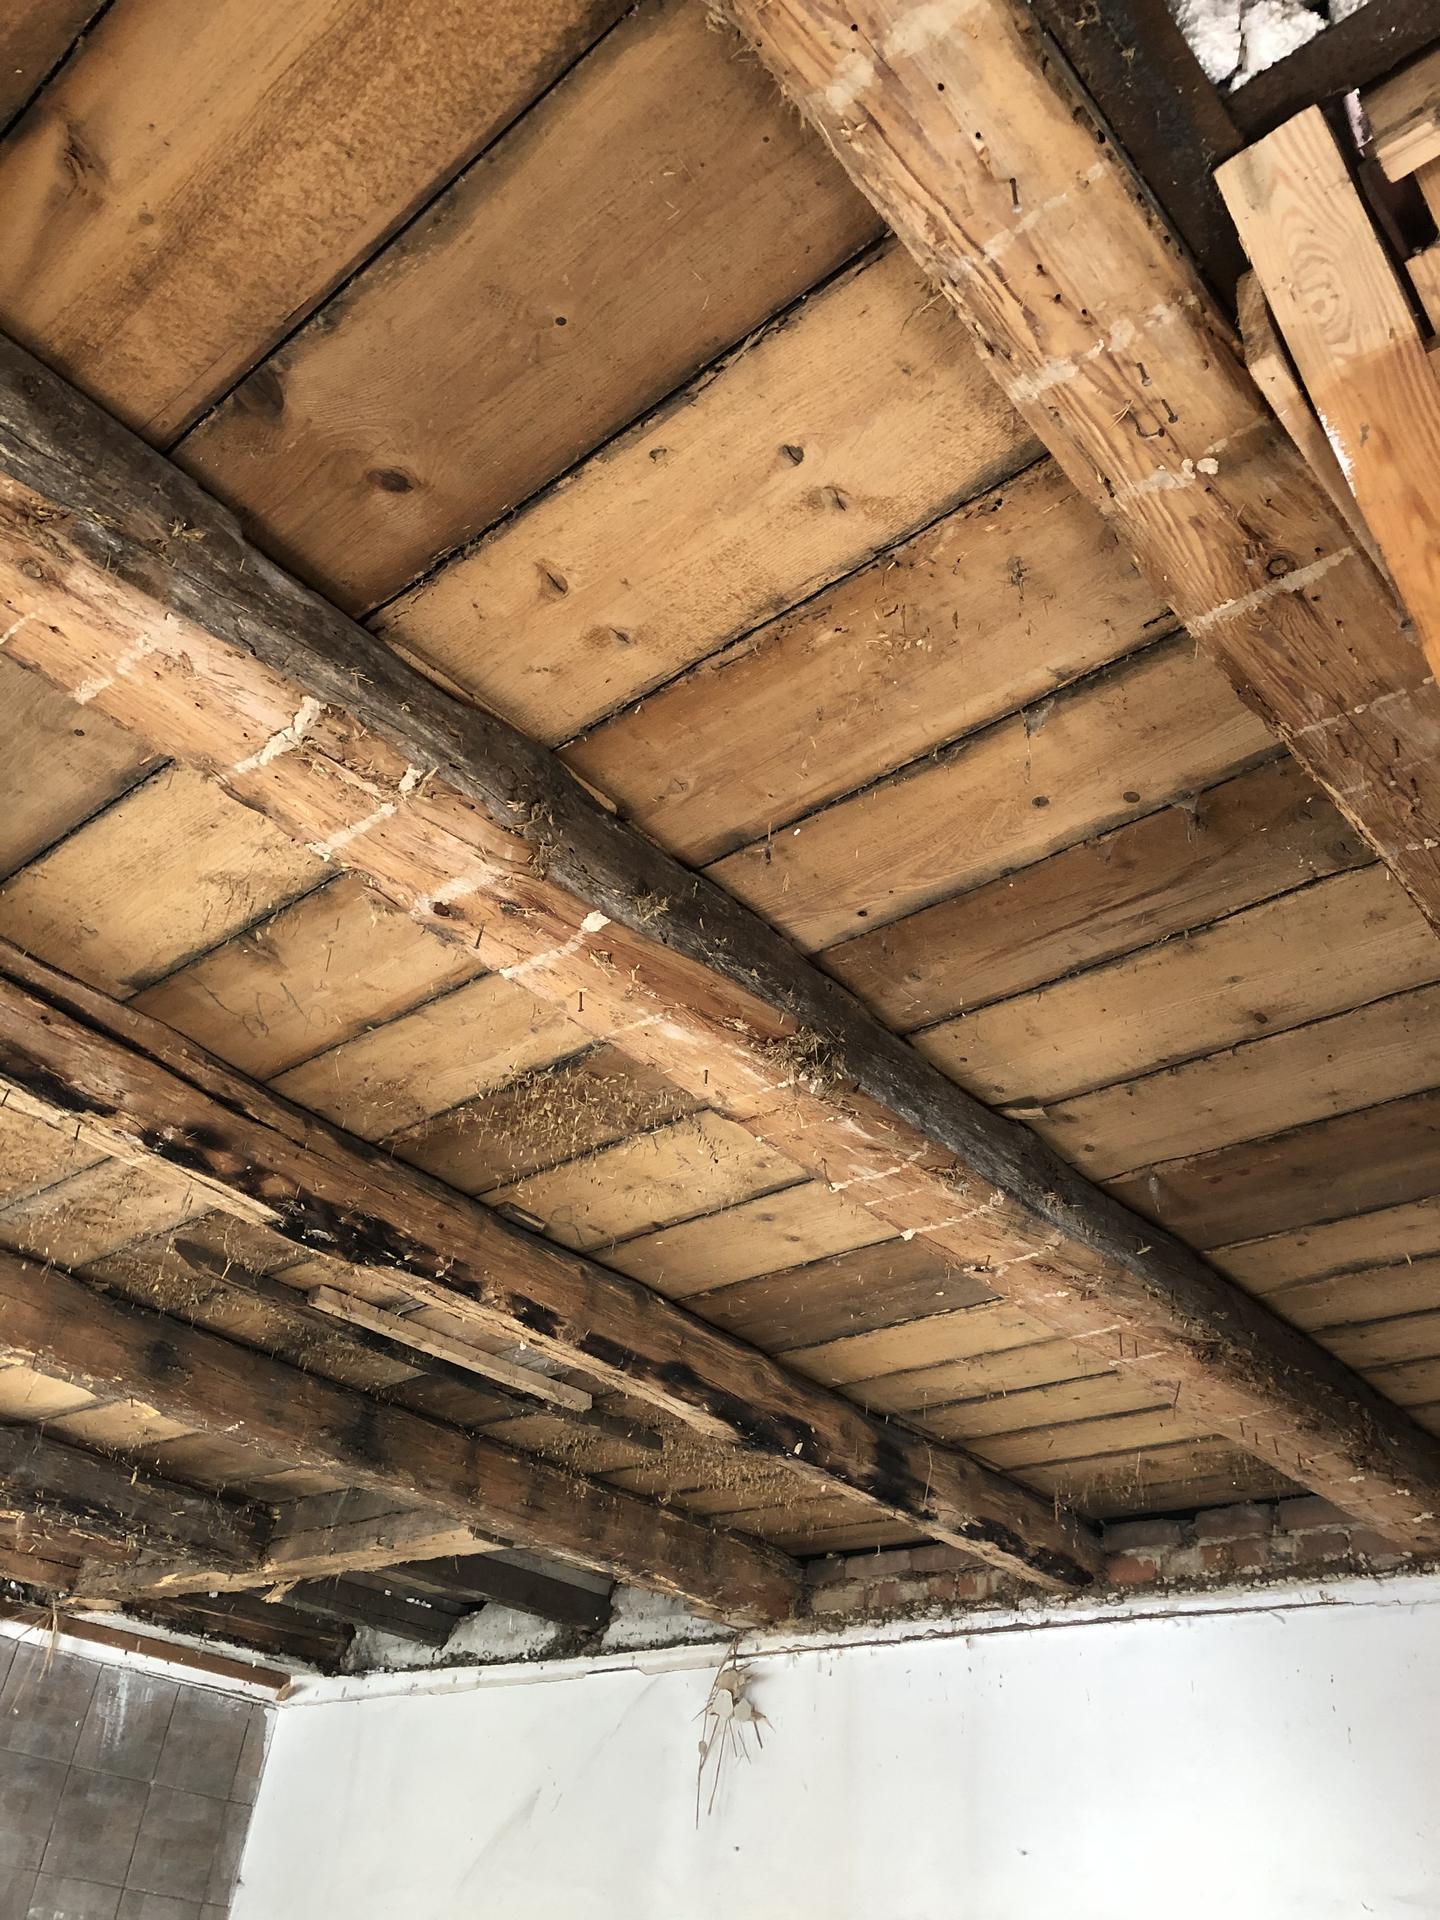 Tak i my jsme se dočkali 🏡❤️⚒ - Říká se, že starší domy mají svoje kostlivce. Hm, my jsme toho prvního odhalili zrovna dneska. Shodili jsme rákosový strop v obýváku v přízemí, ale čekalo nás překvápko v podobě shnilých, prolezlých a prohnutých trámů. Všechny je musíme vyměnit.